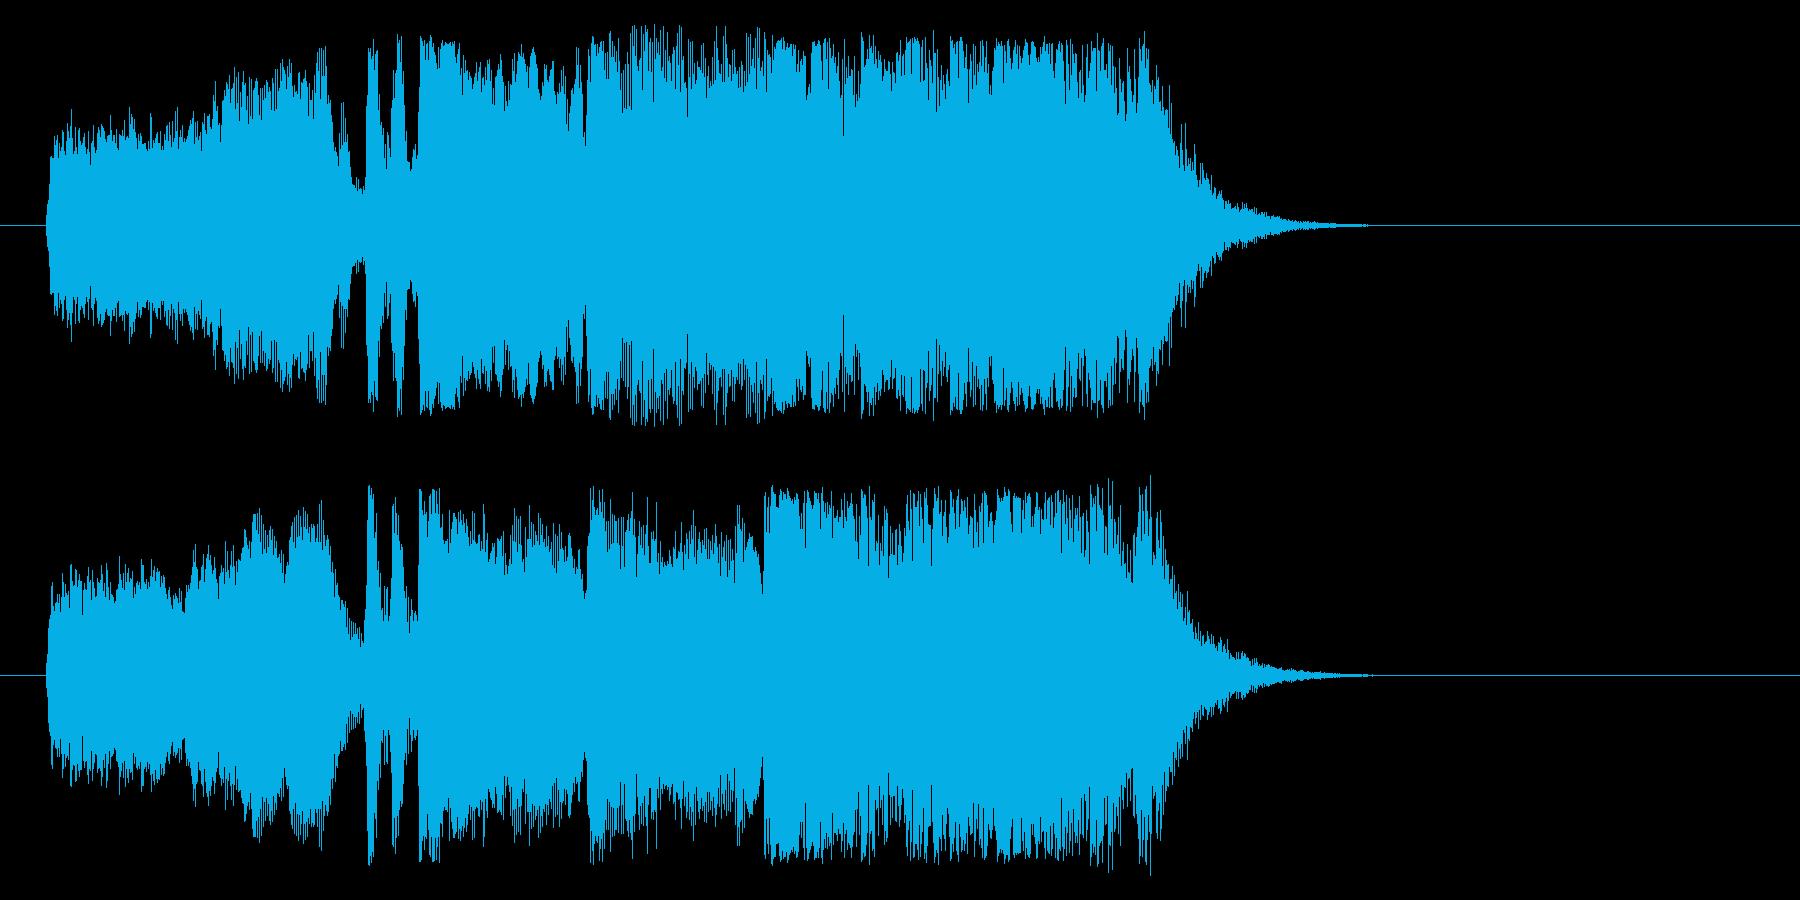 スケール感 格調 荘厳 登場 タイトルの再生済みの波形